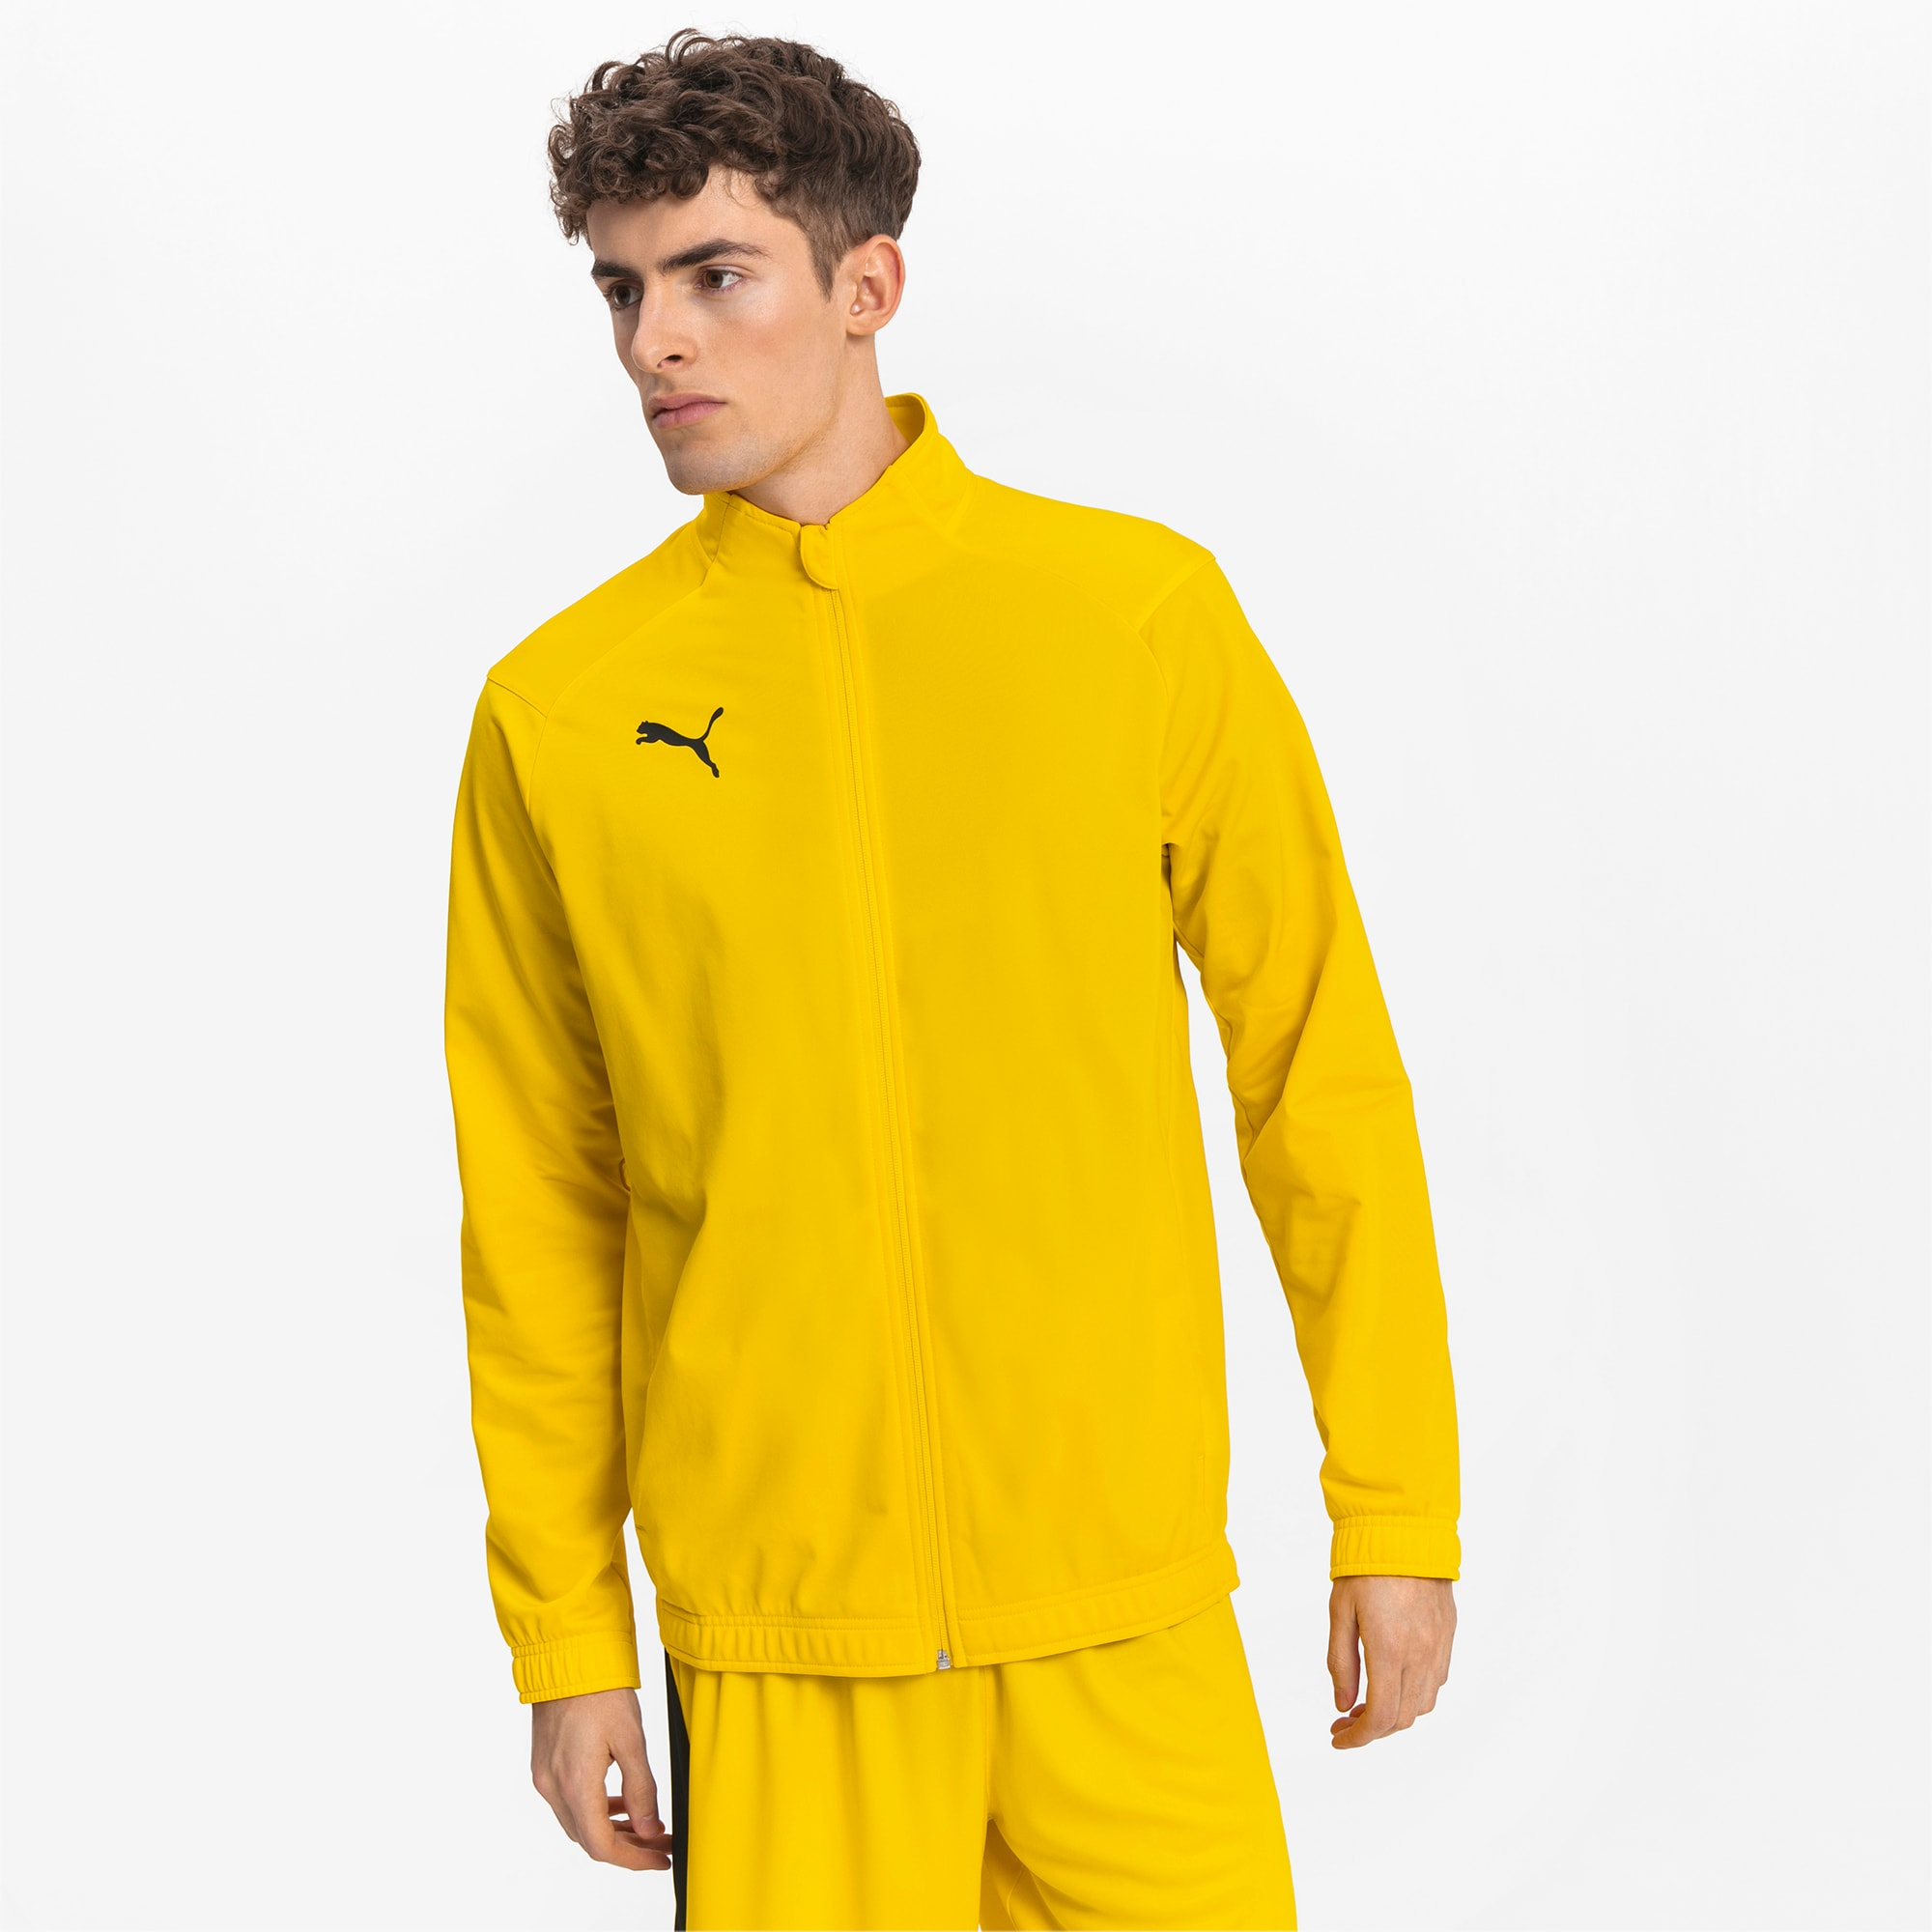 blouson de football liga sideline poly core pour homme, jaune/noir, taille s, vêtements